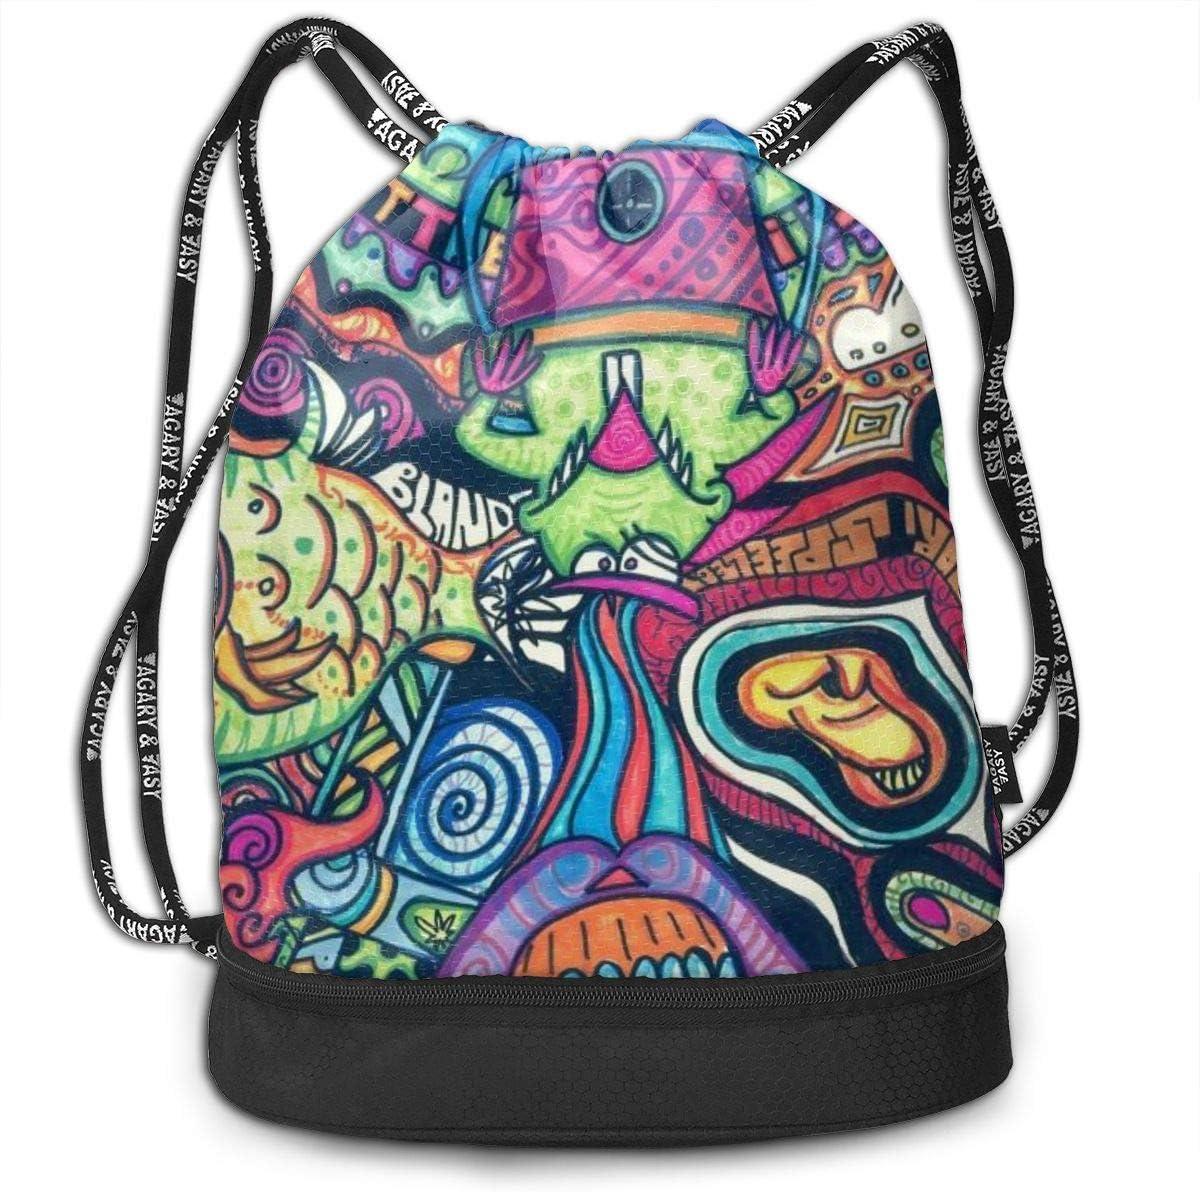 GymSack Drawstring Bag Sackpack Surrealism Art Sport Cinch Pack Simple Bundle Pocke Backpack For Men Women